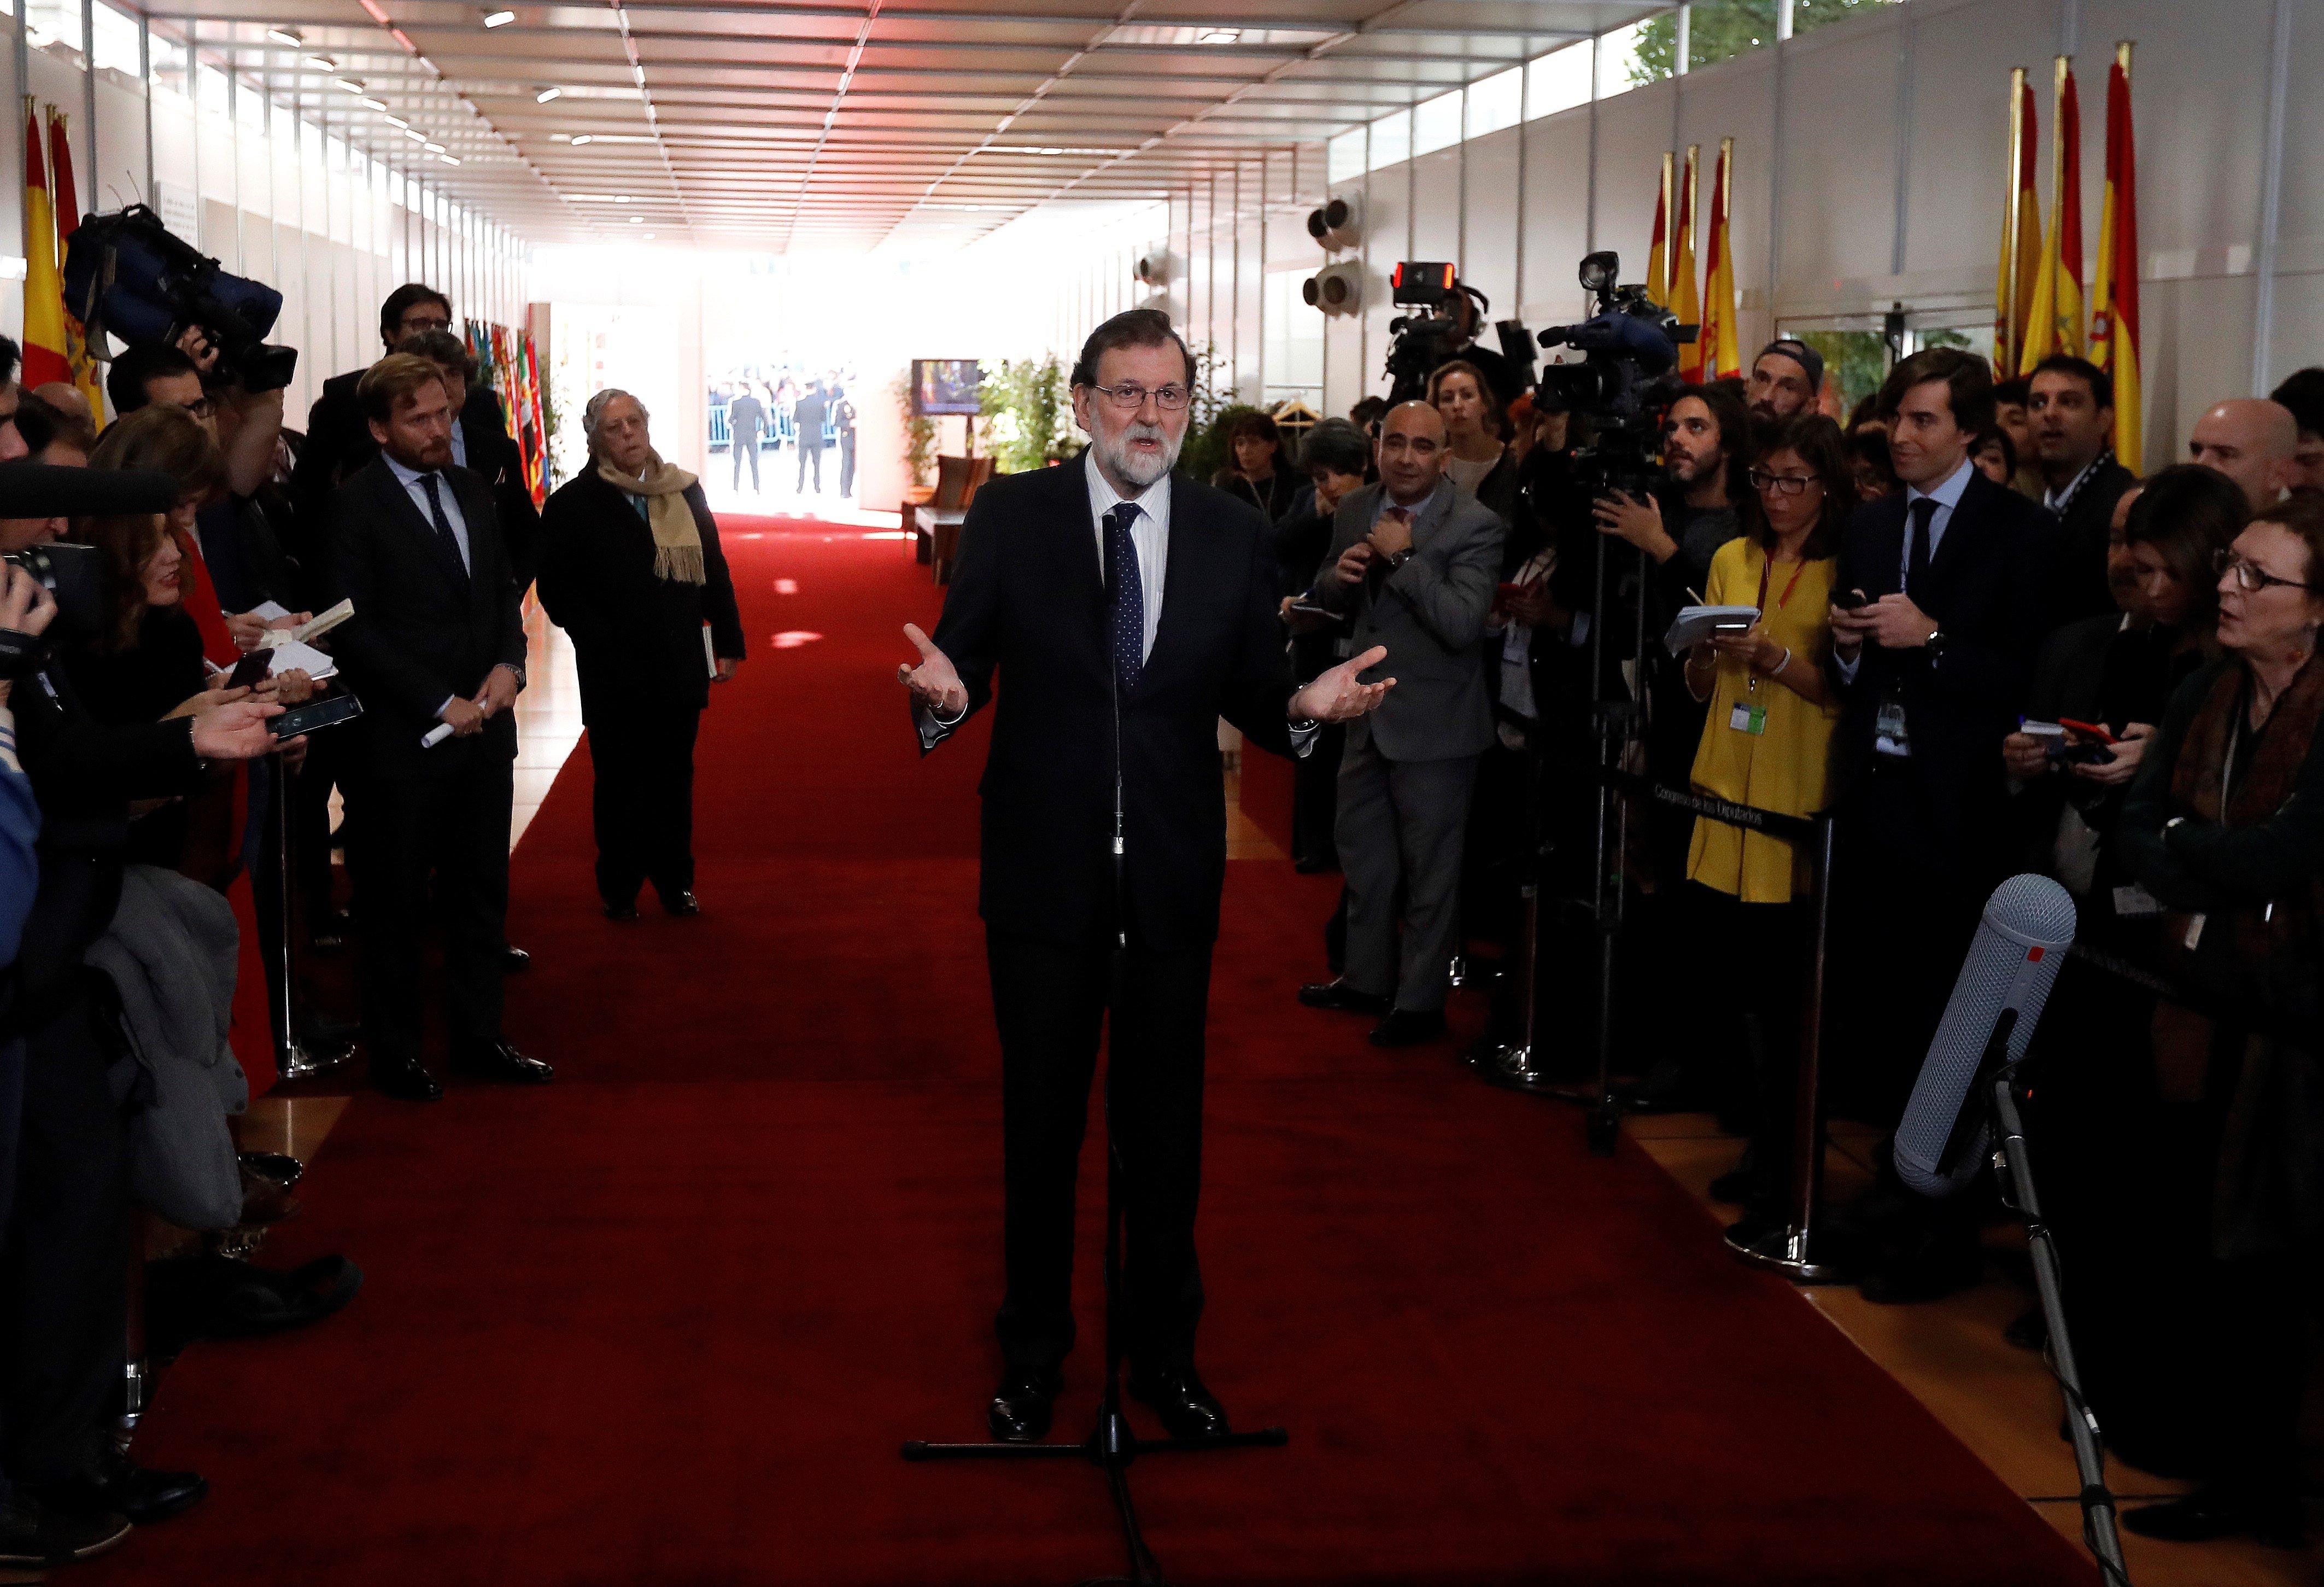 El president del Govern, Mariano Rajoy, a la seva arribada a la recepció que se celebra al Congrés dels Diputats amb motiu del Dia de la Constitució. /JUAN CARLOS HIDALGO